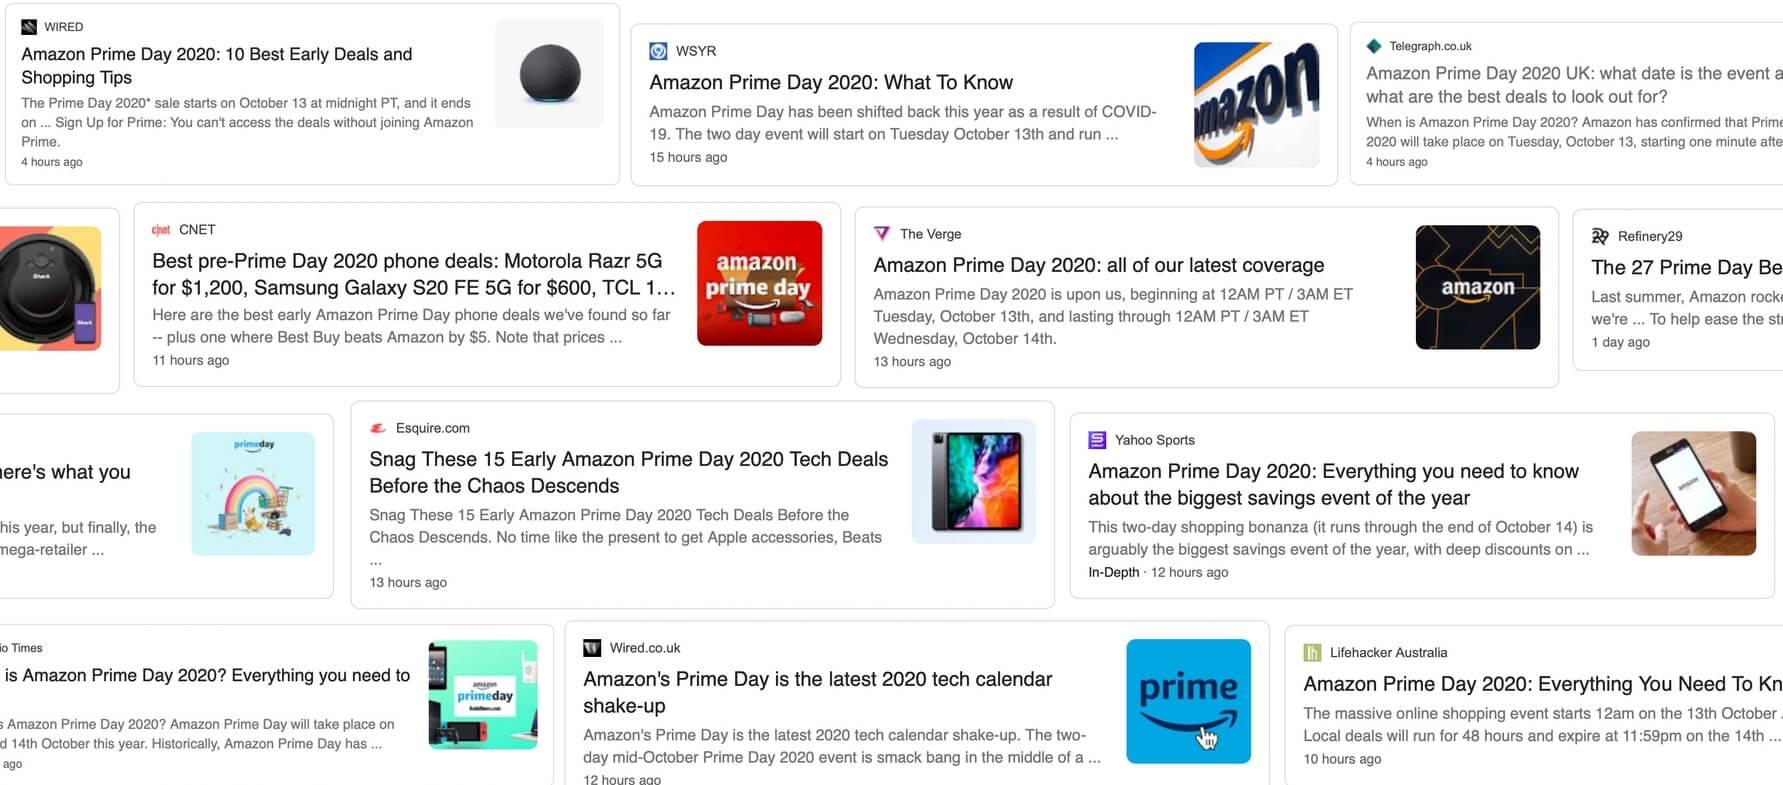 Amazon Prime Day affiliates